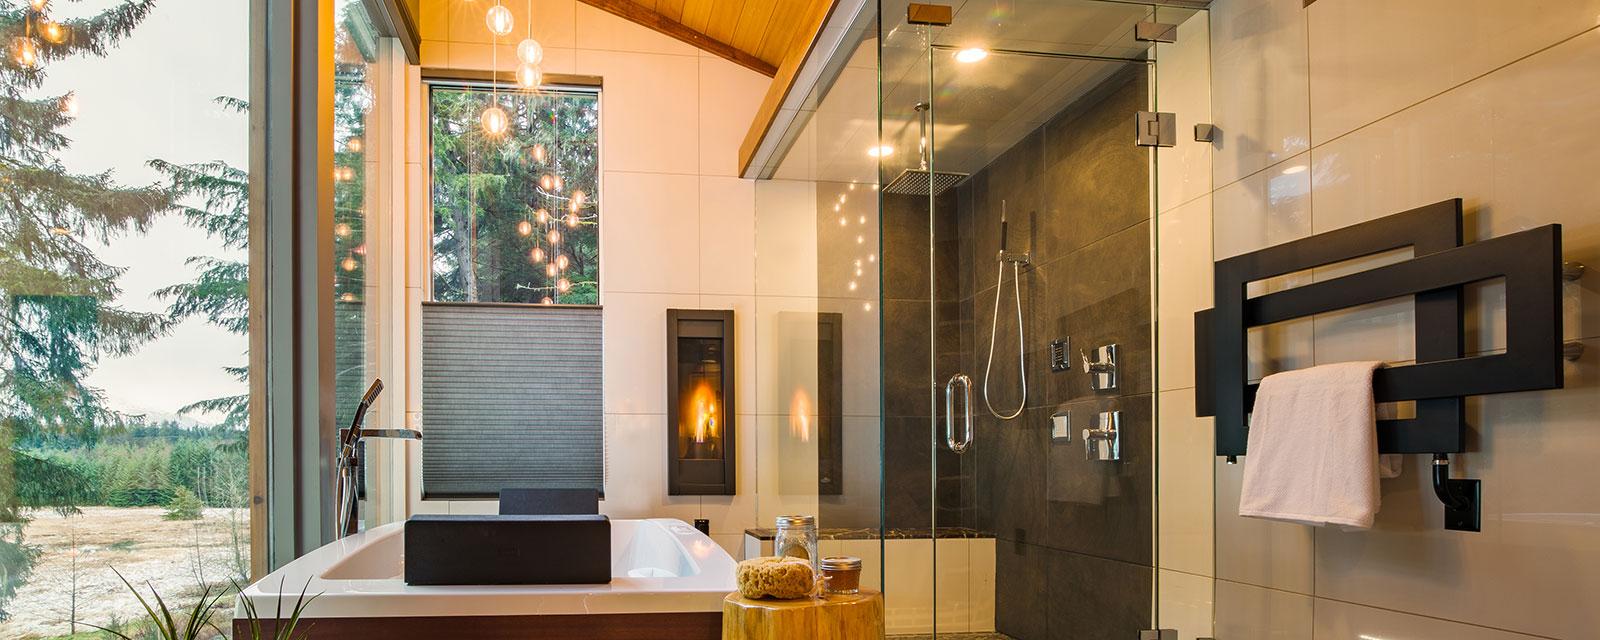 Kitchen and Bath Design Inspiration   Kitchen & Bath Business